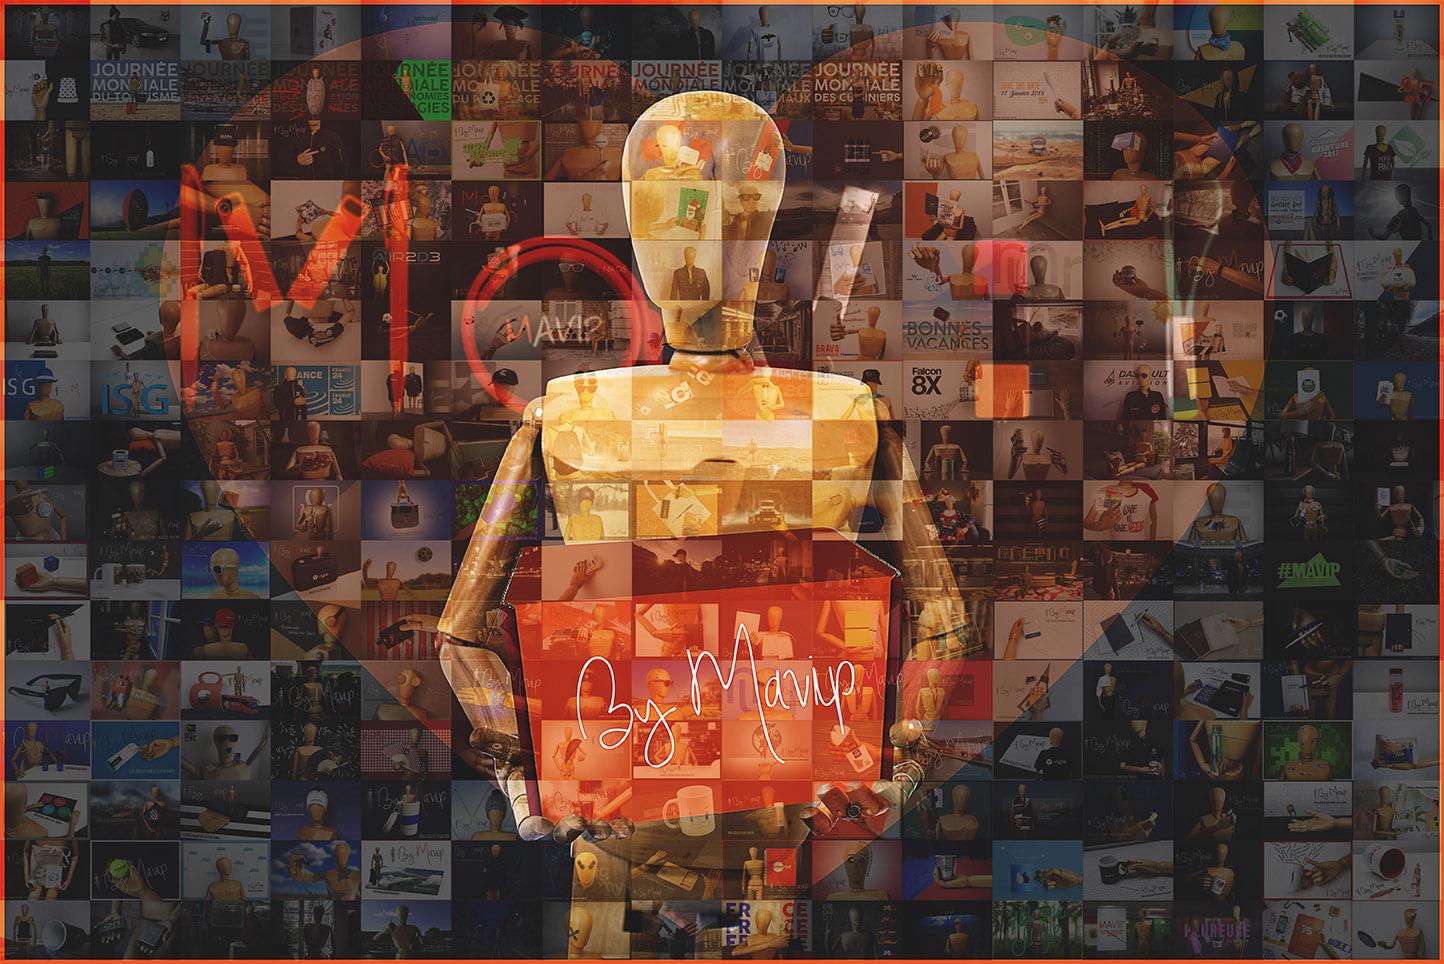 La Saint-Valentin des objets médias personnalisés avec logo d'entreprise